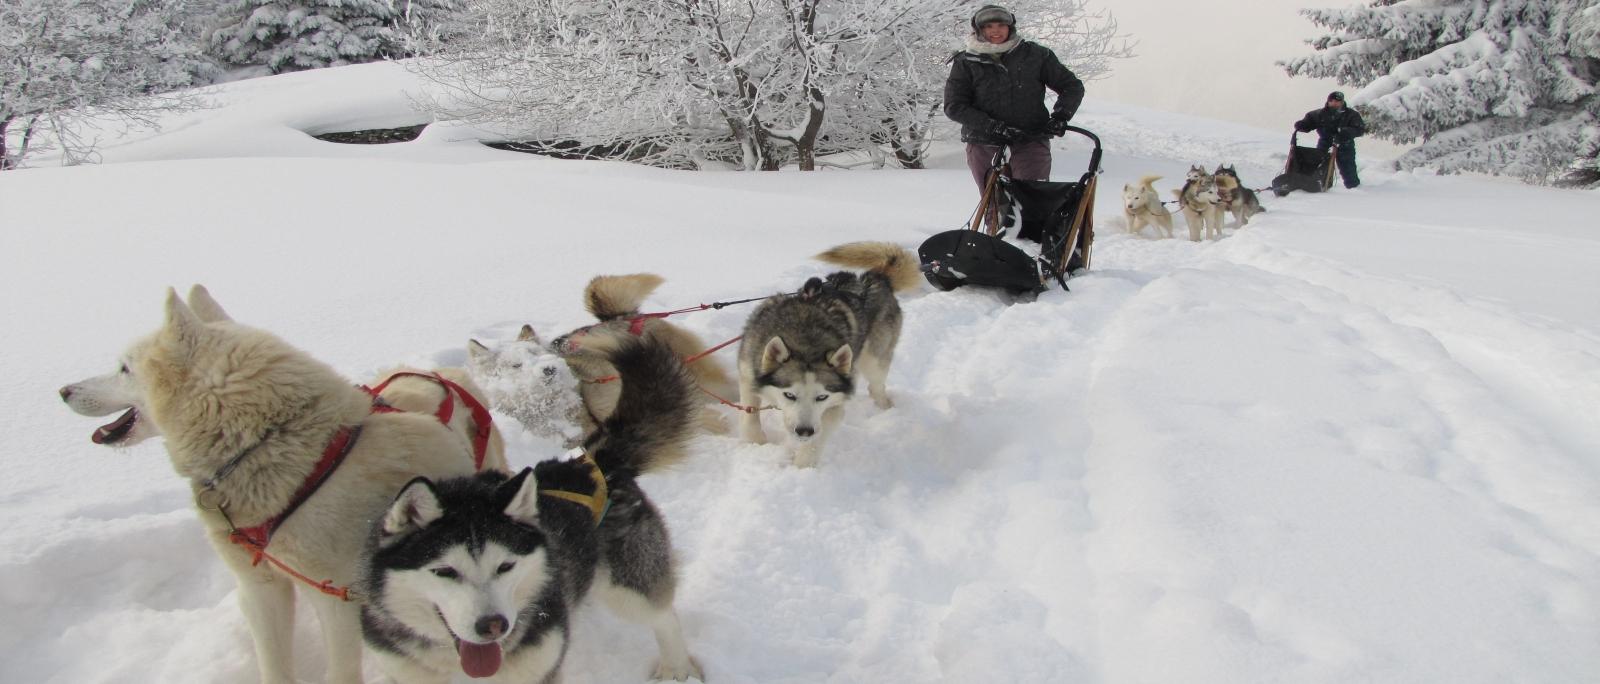 Dog sledding snowshoe wv webcam